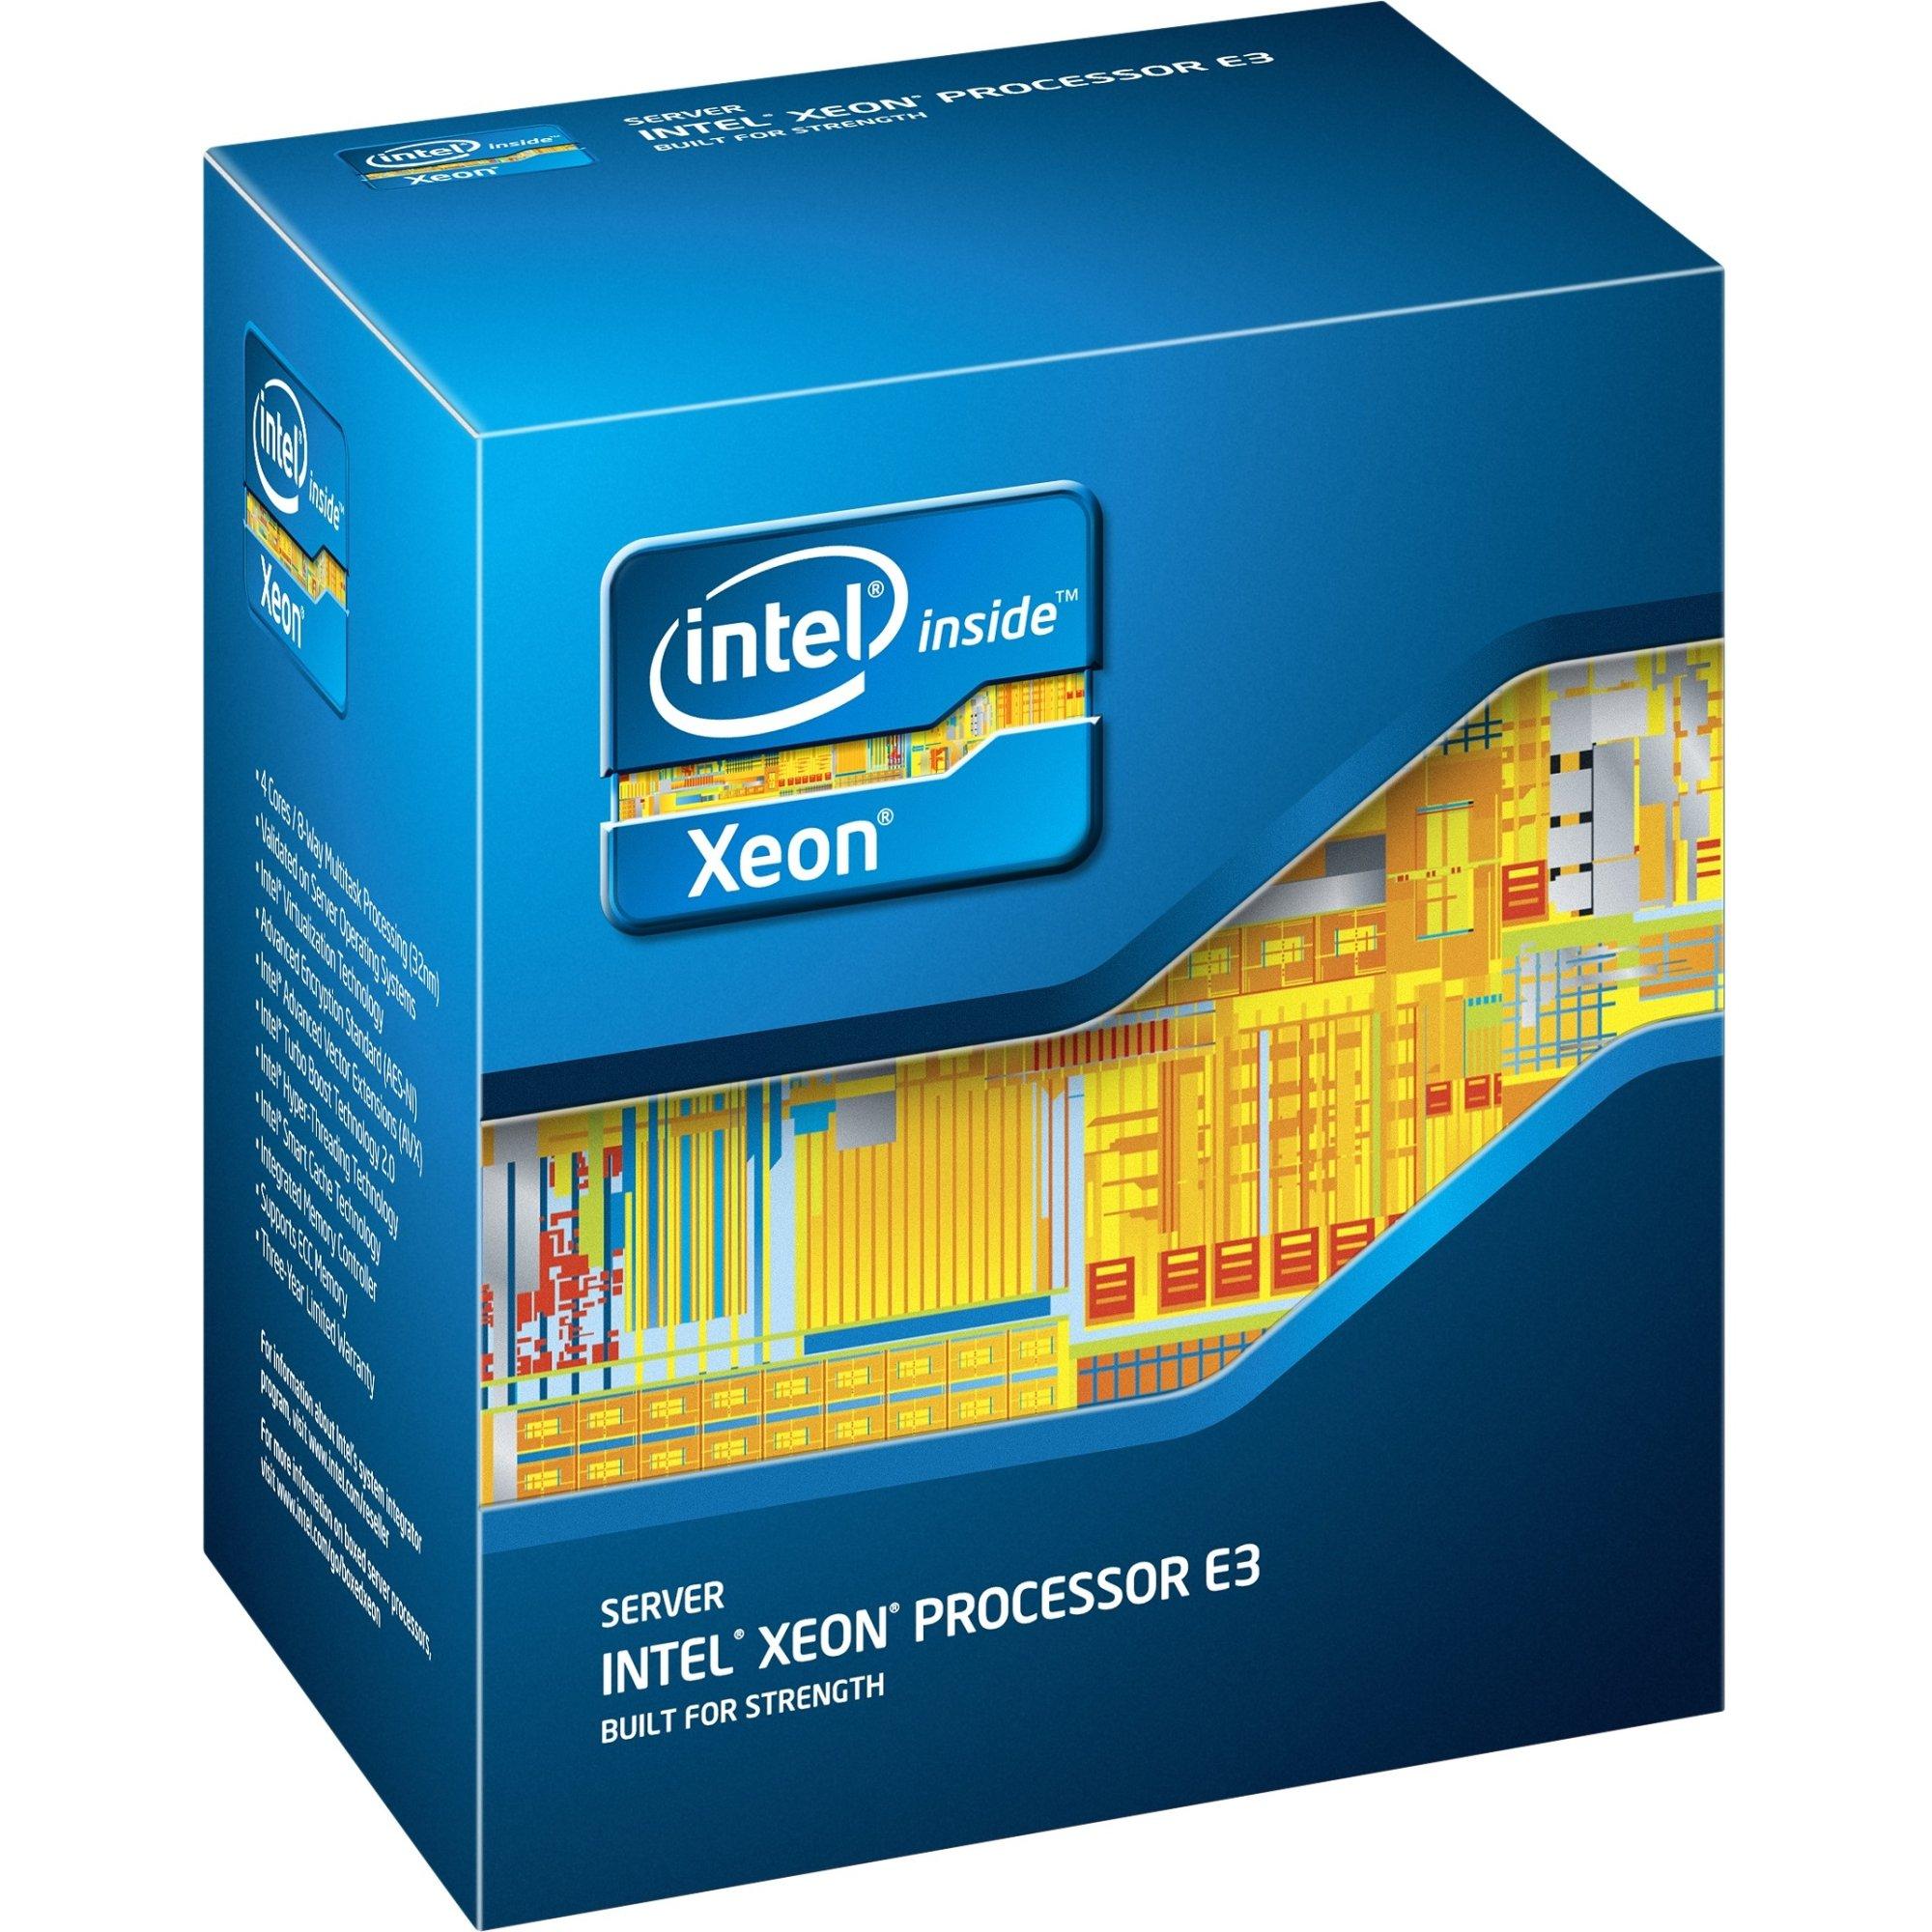 Intel Xeon E3-1246 v3 Quad-core (4 Core) 3.50 GHz Processor BX80646E31246V3